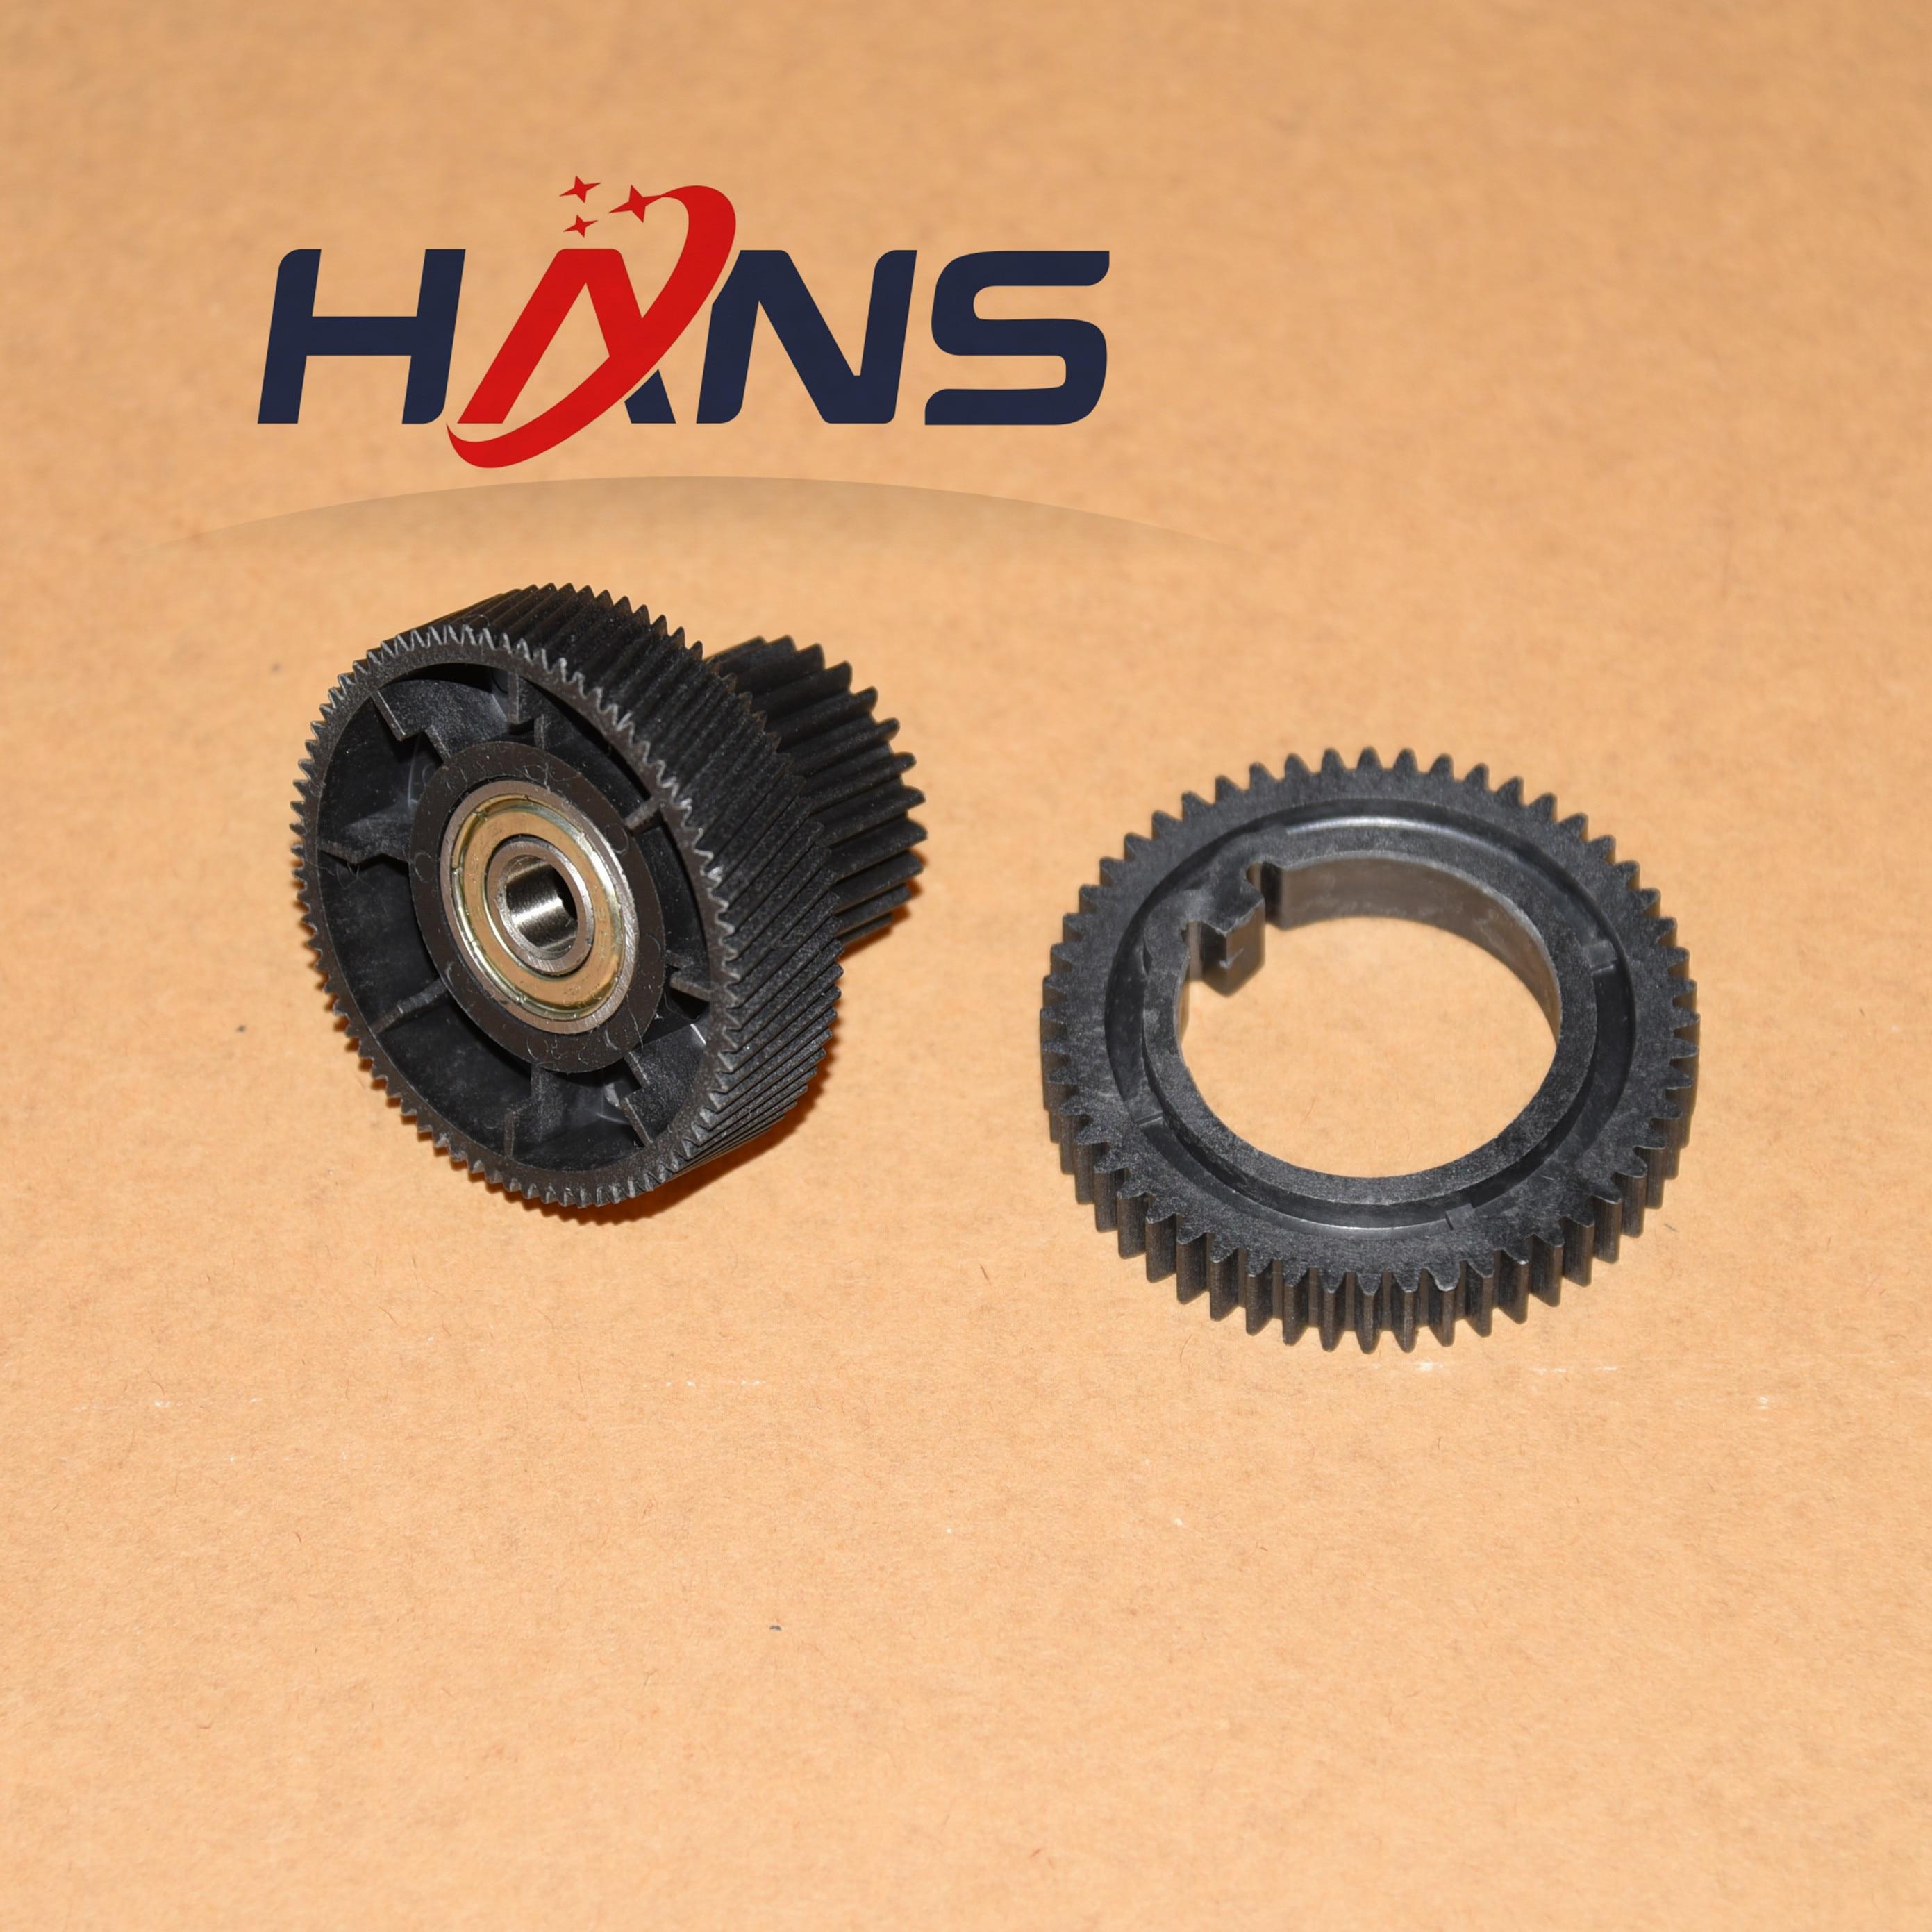 2Sets. FS7-0007-00 Upper Roller Gear+FS7-0006-000 Fuser Motor Drive Gear for Canon IR7105 IR7095 IR7200 ir 7095 7105 8500 7200